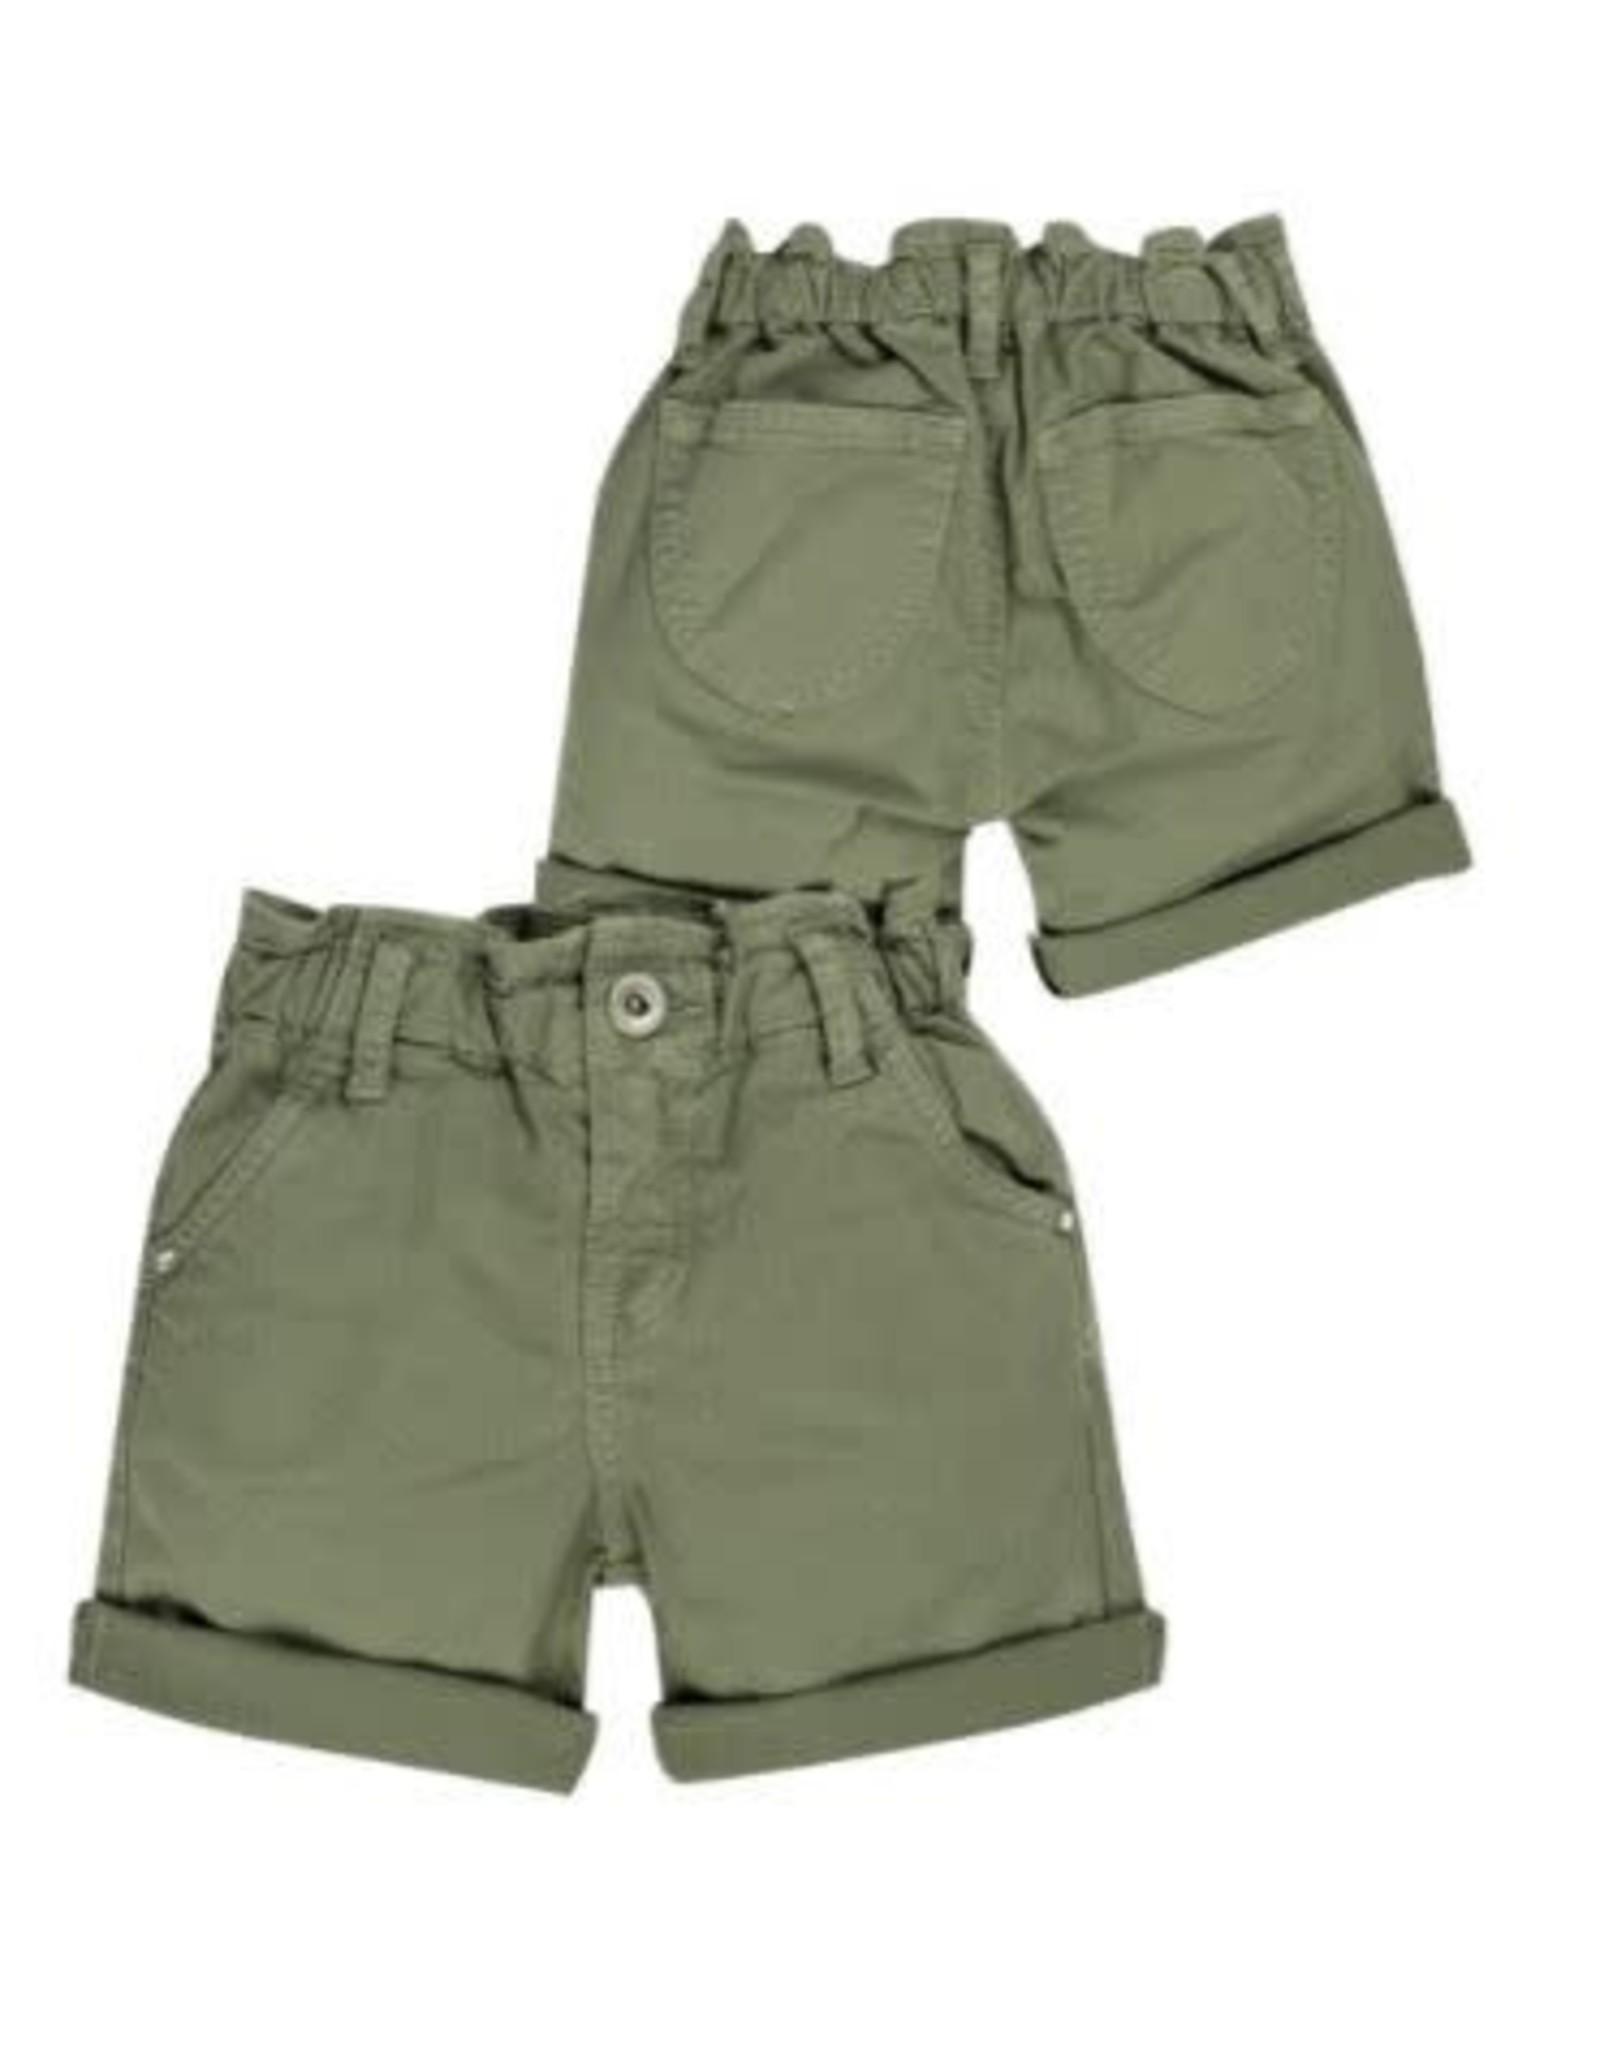 EMC Twill Stretch Shorts - Green